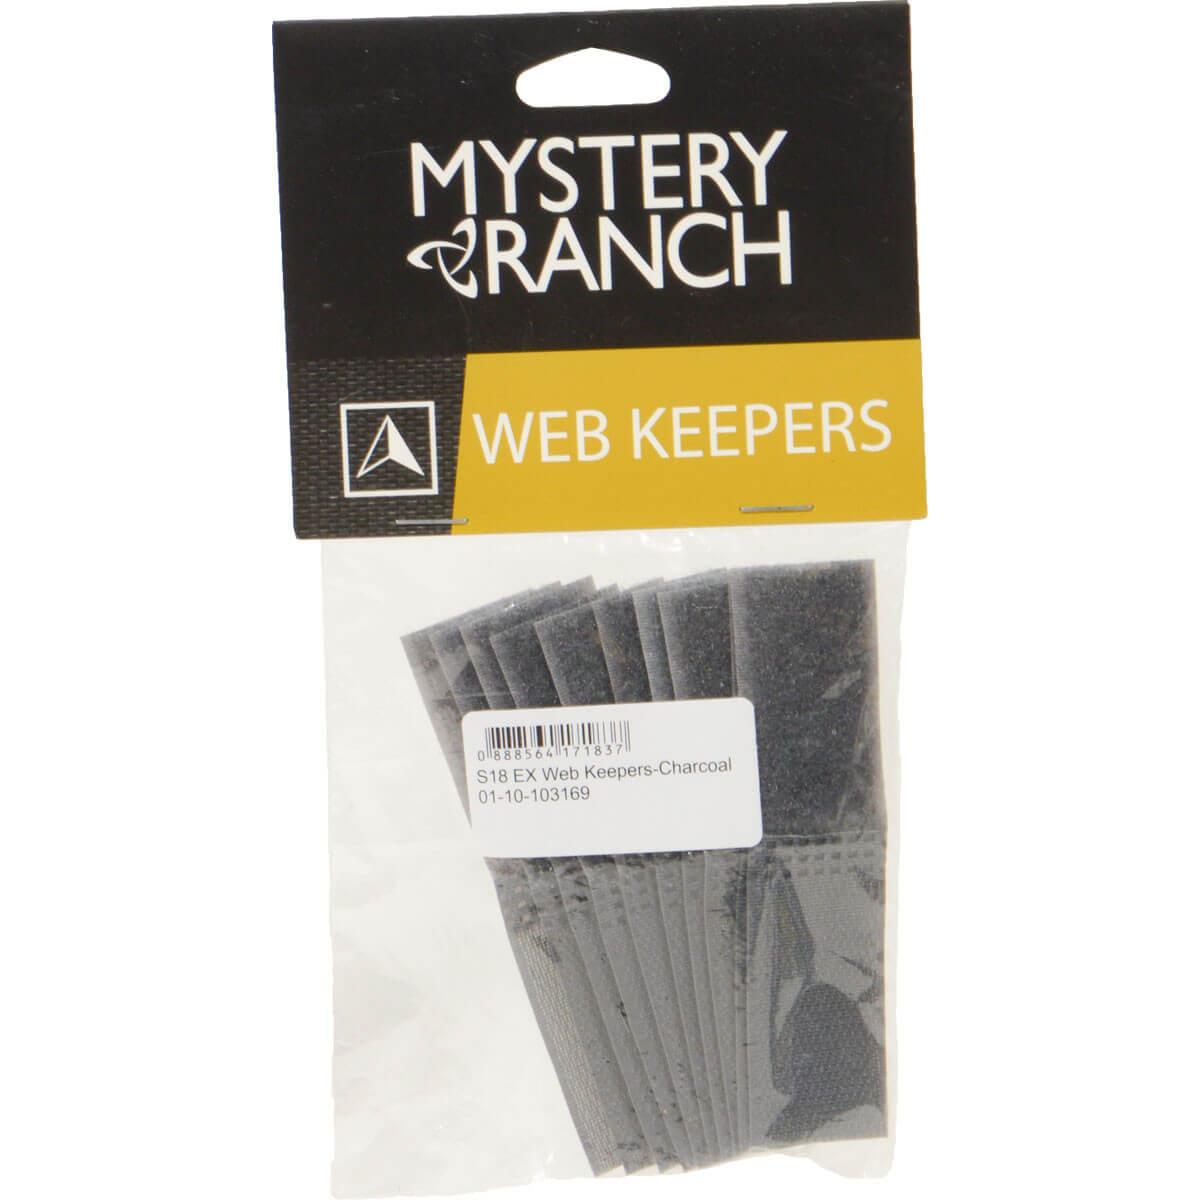 WEB KEEPER